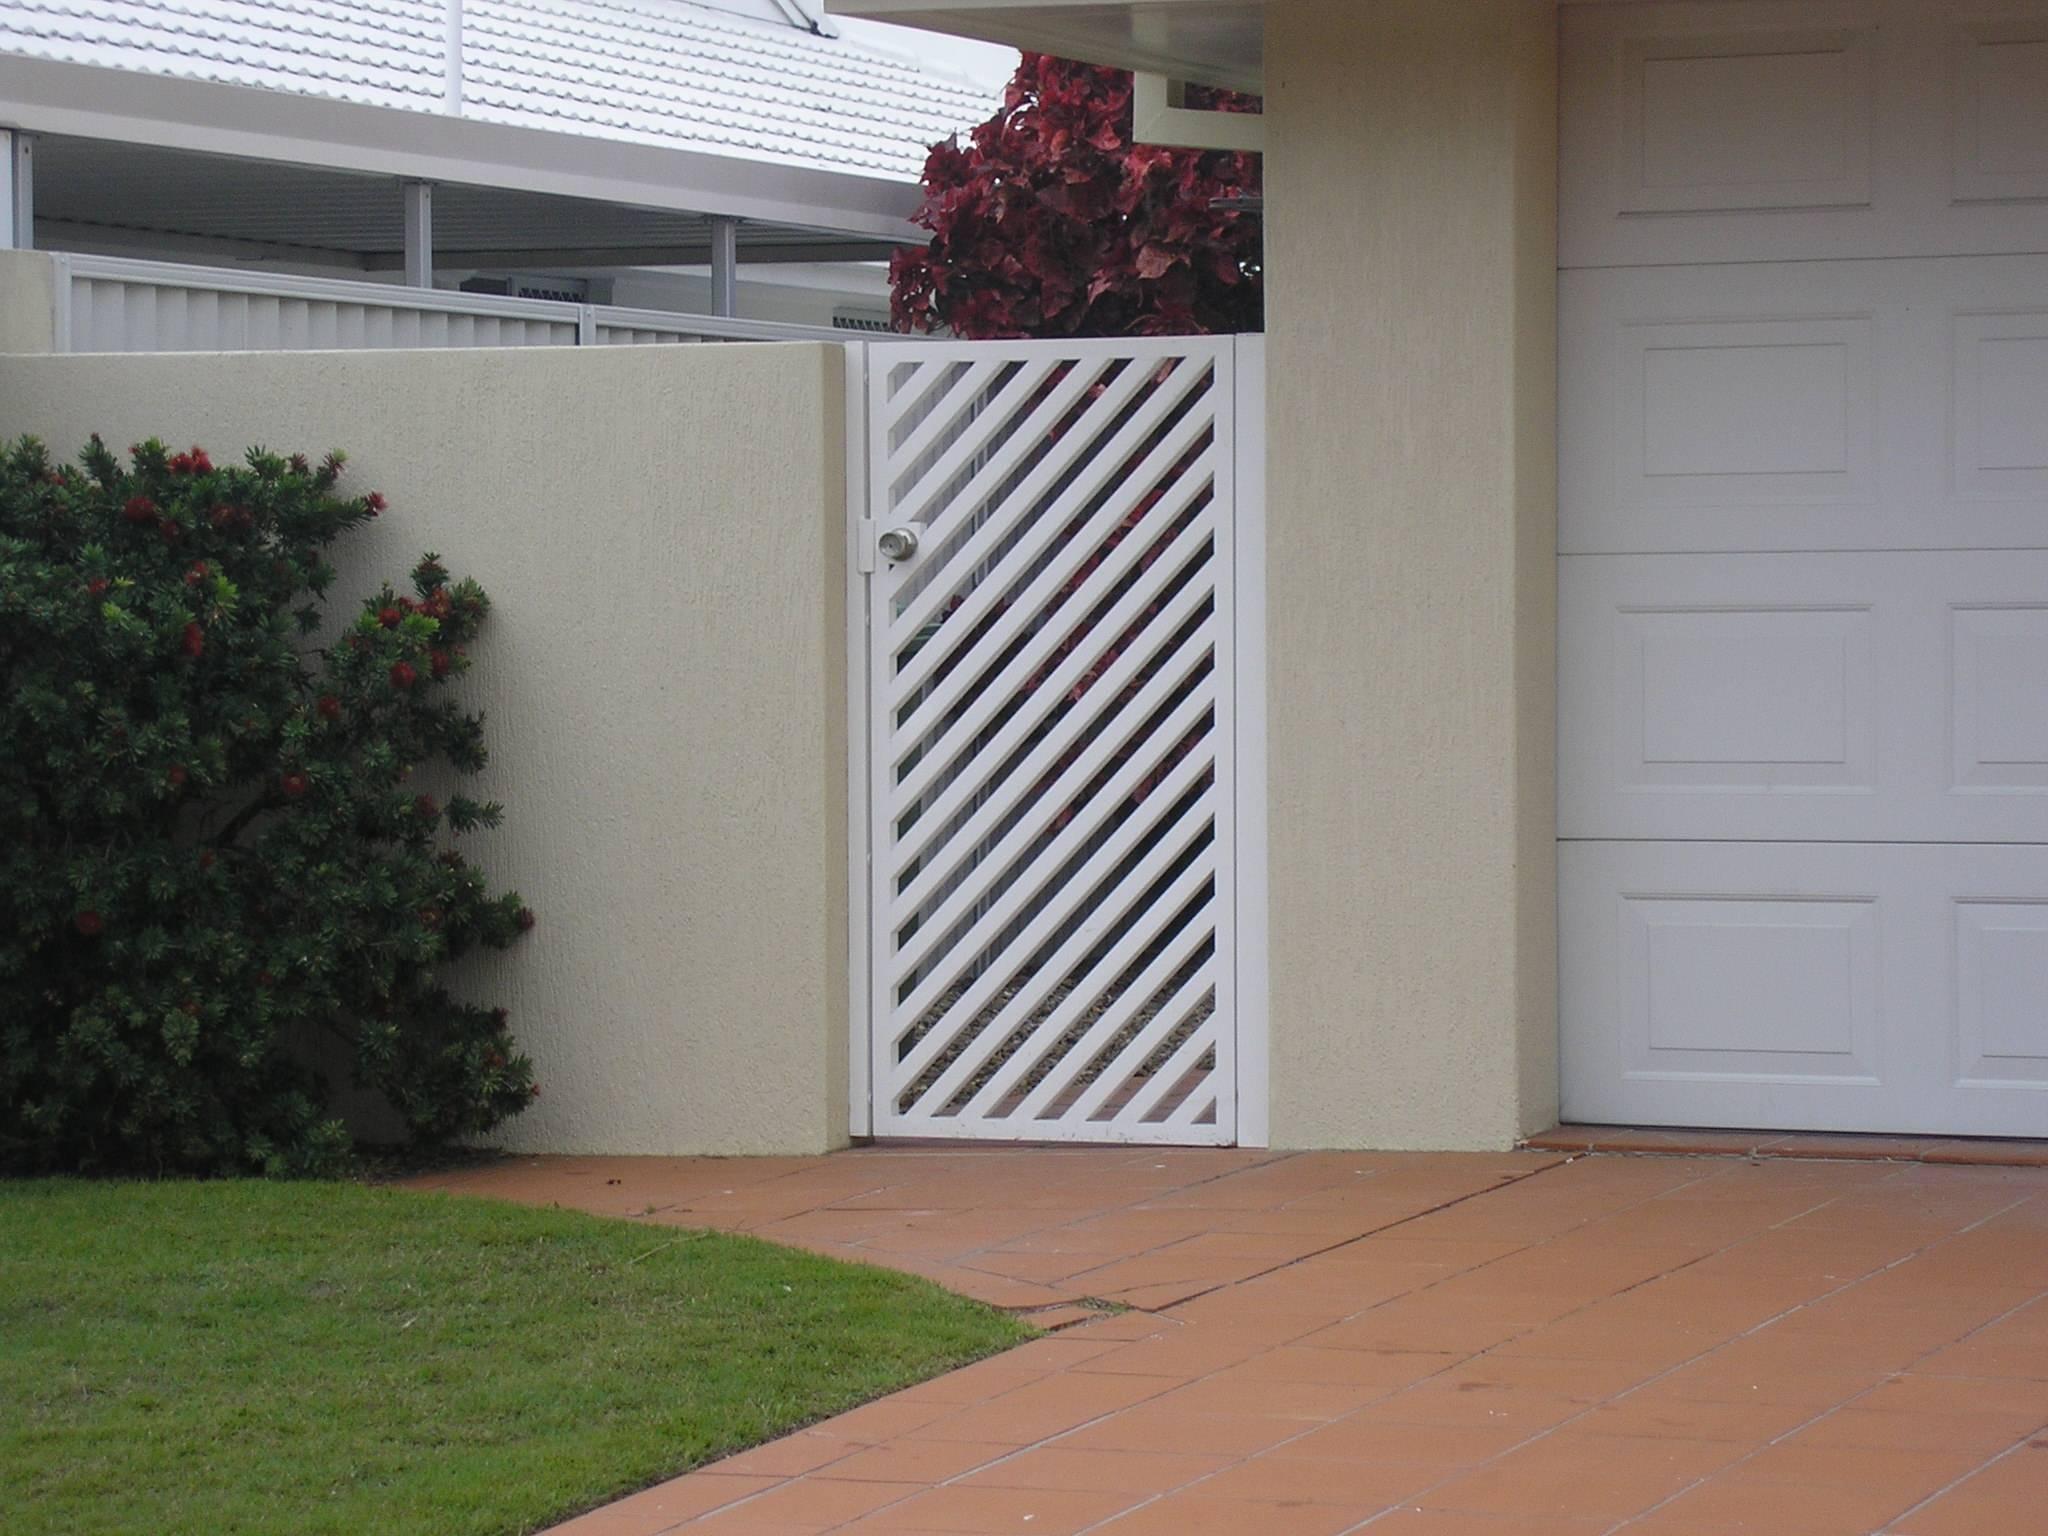 ANGLED SLATTED GATE